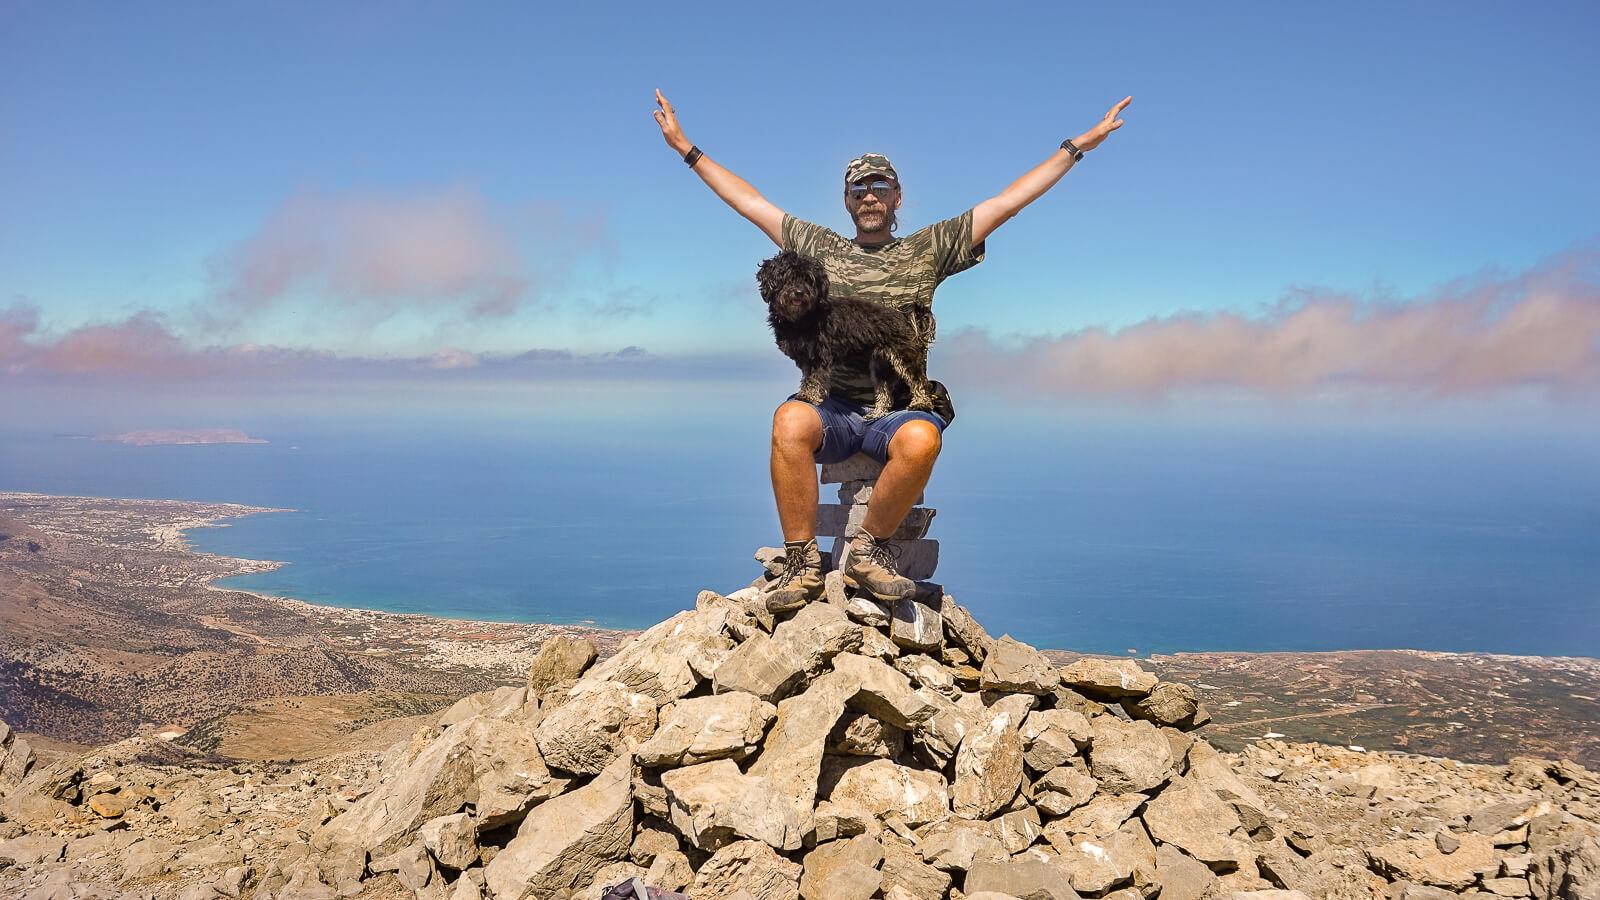 Pėsčiųjų žygiai Kretoje į kalnus ir tarpeklius